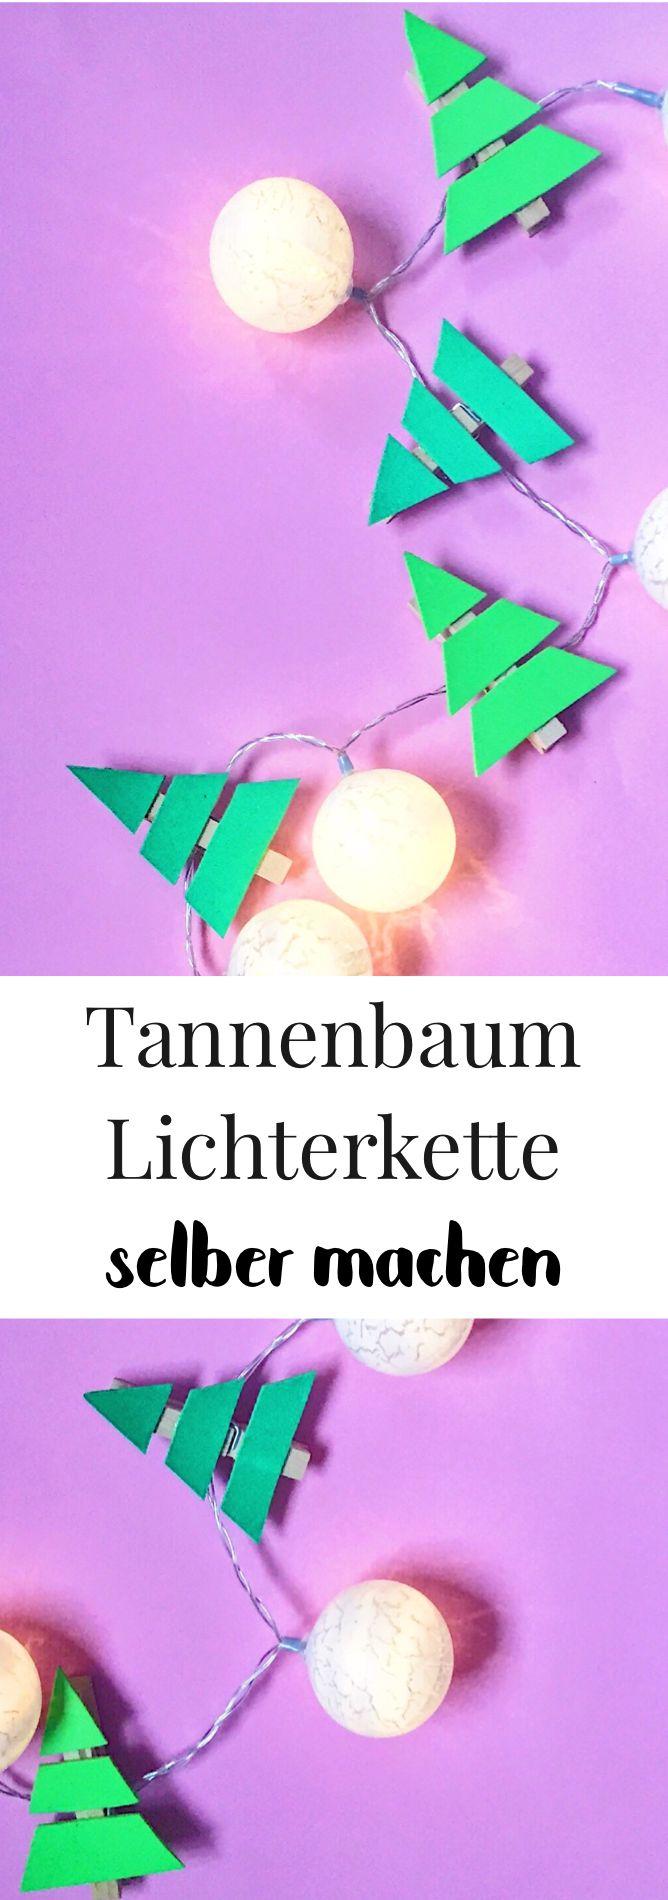 Weihnachtsdeko basteln. Deko für Weihnachten selber machen. DIY Lichterkette mit Tannenbäumen aus Moosgummi und Wäscheklammern basteln. Schöne Dekoration zum selber basteln für das Wohnzimmer oder für den Christbaum. Weihnachtsdeko basteln leicht, einfach und günstig. Auch für das Basteln mit Kindern geeignet.